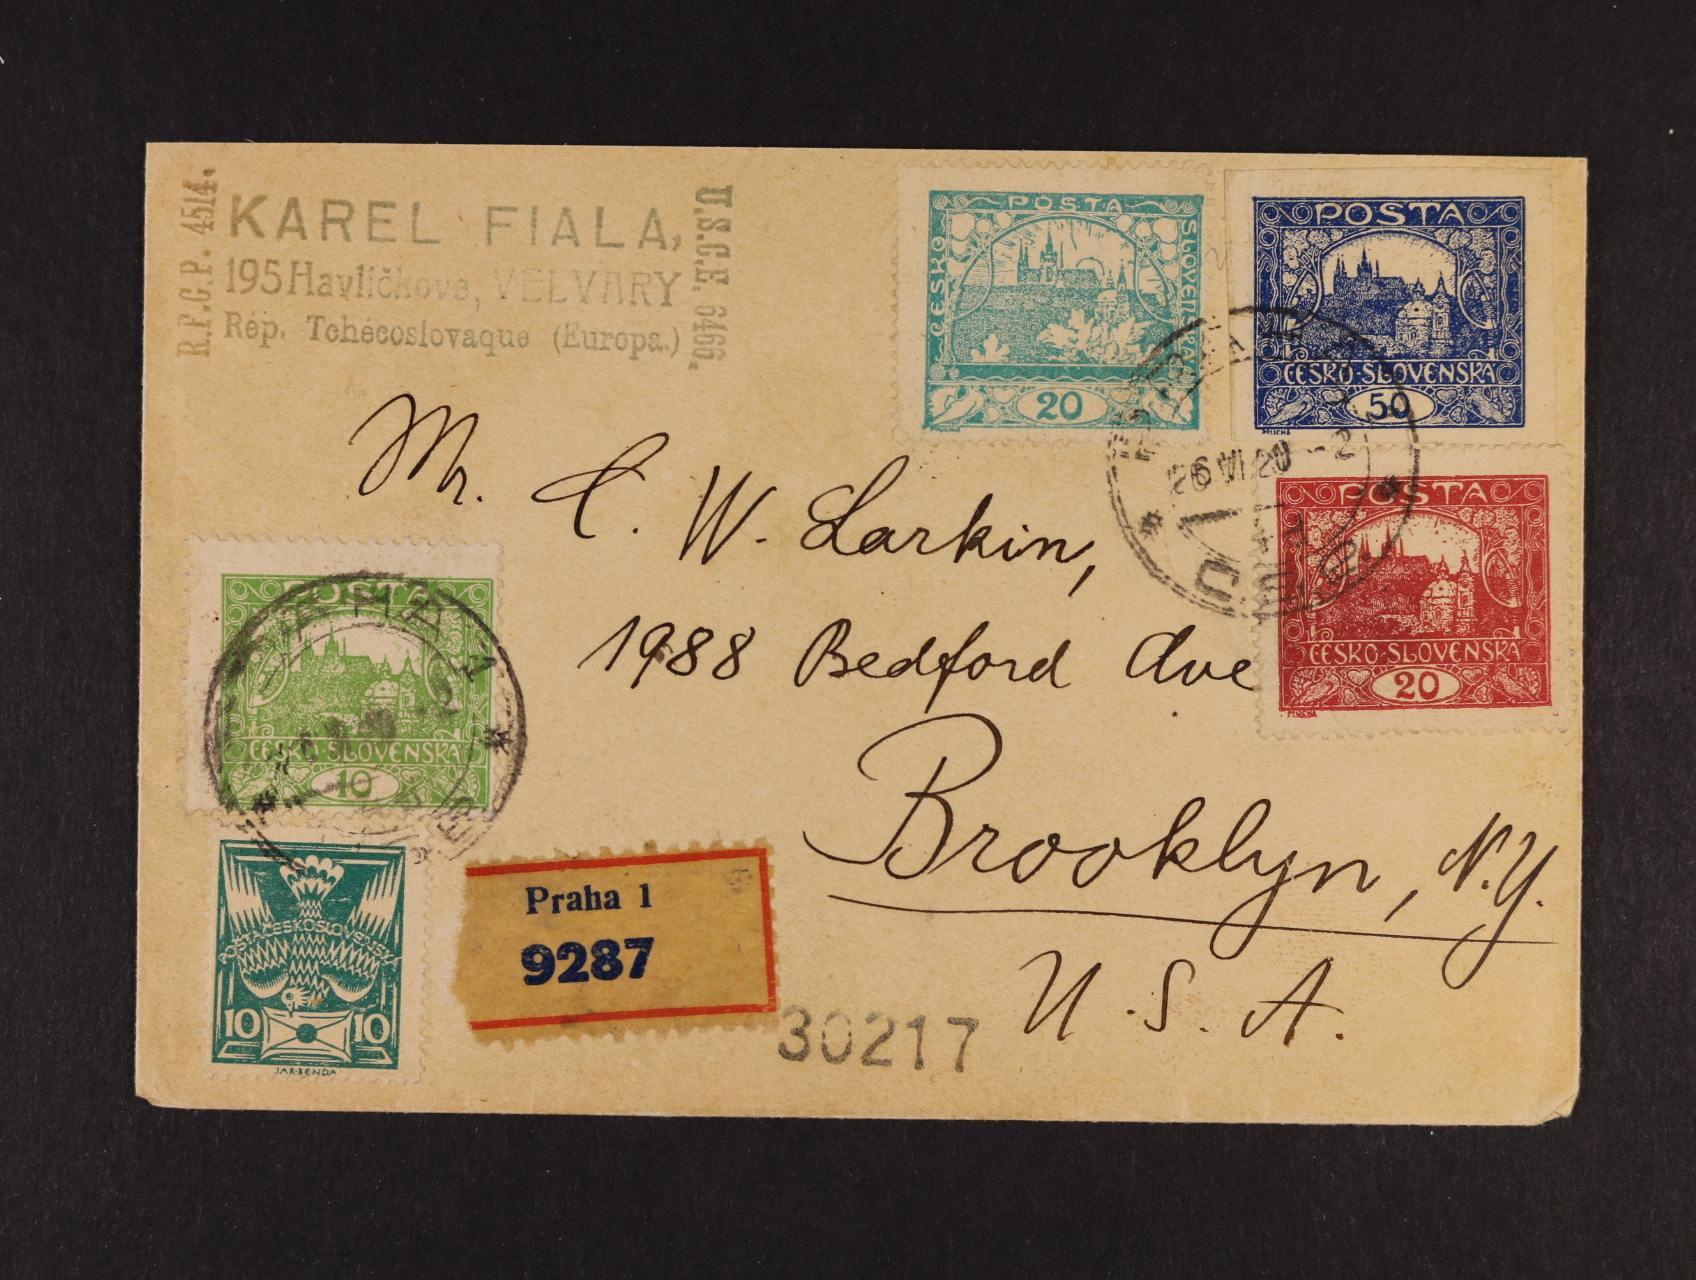 R-dopis do USA frank. zn. č. 6 A, 8 A, 9 A, + zn. č. 16 + OR 10h zelená, pod. raz. PRAHA 1 26.4.20, přích. raz.